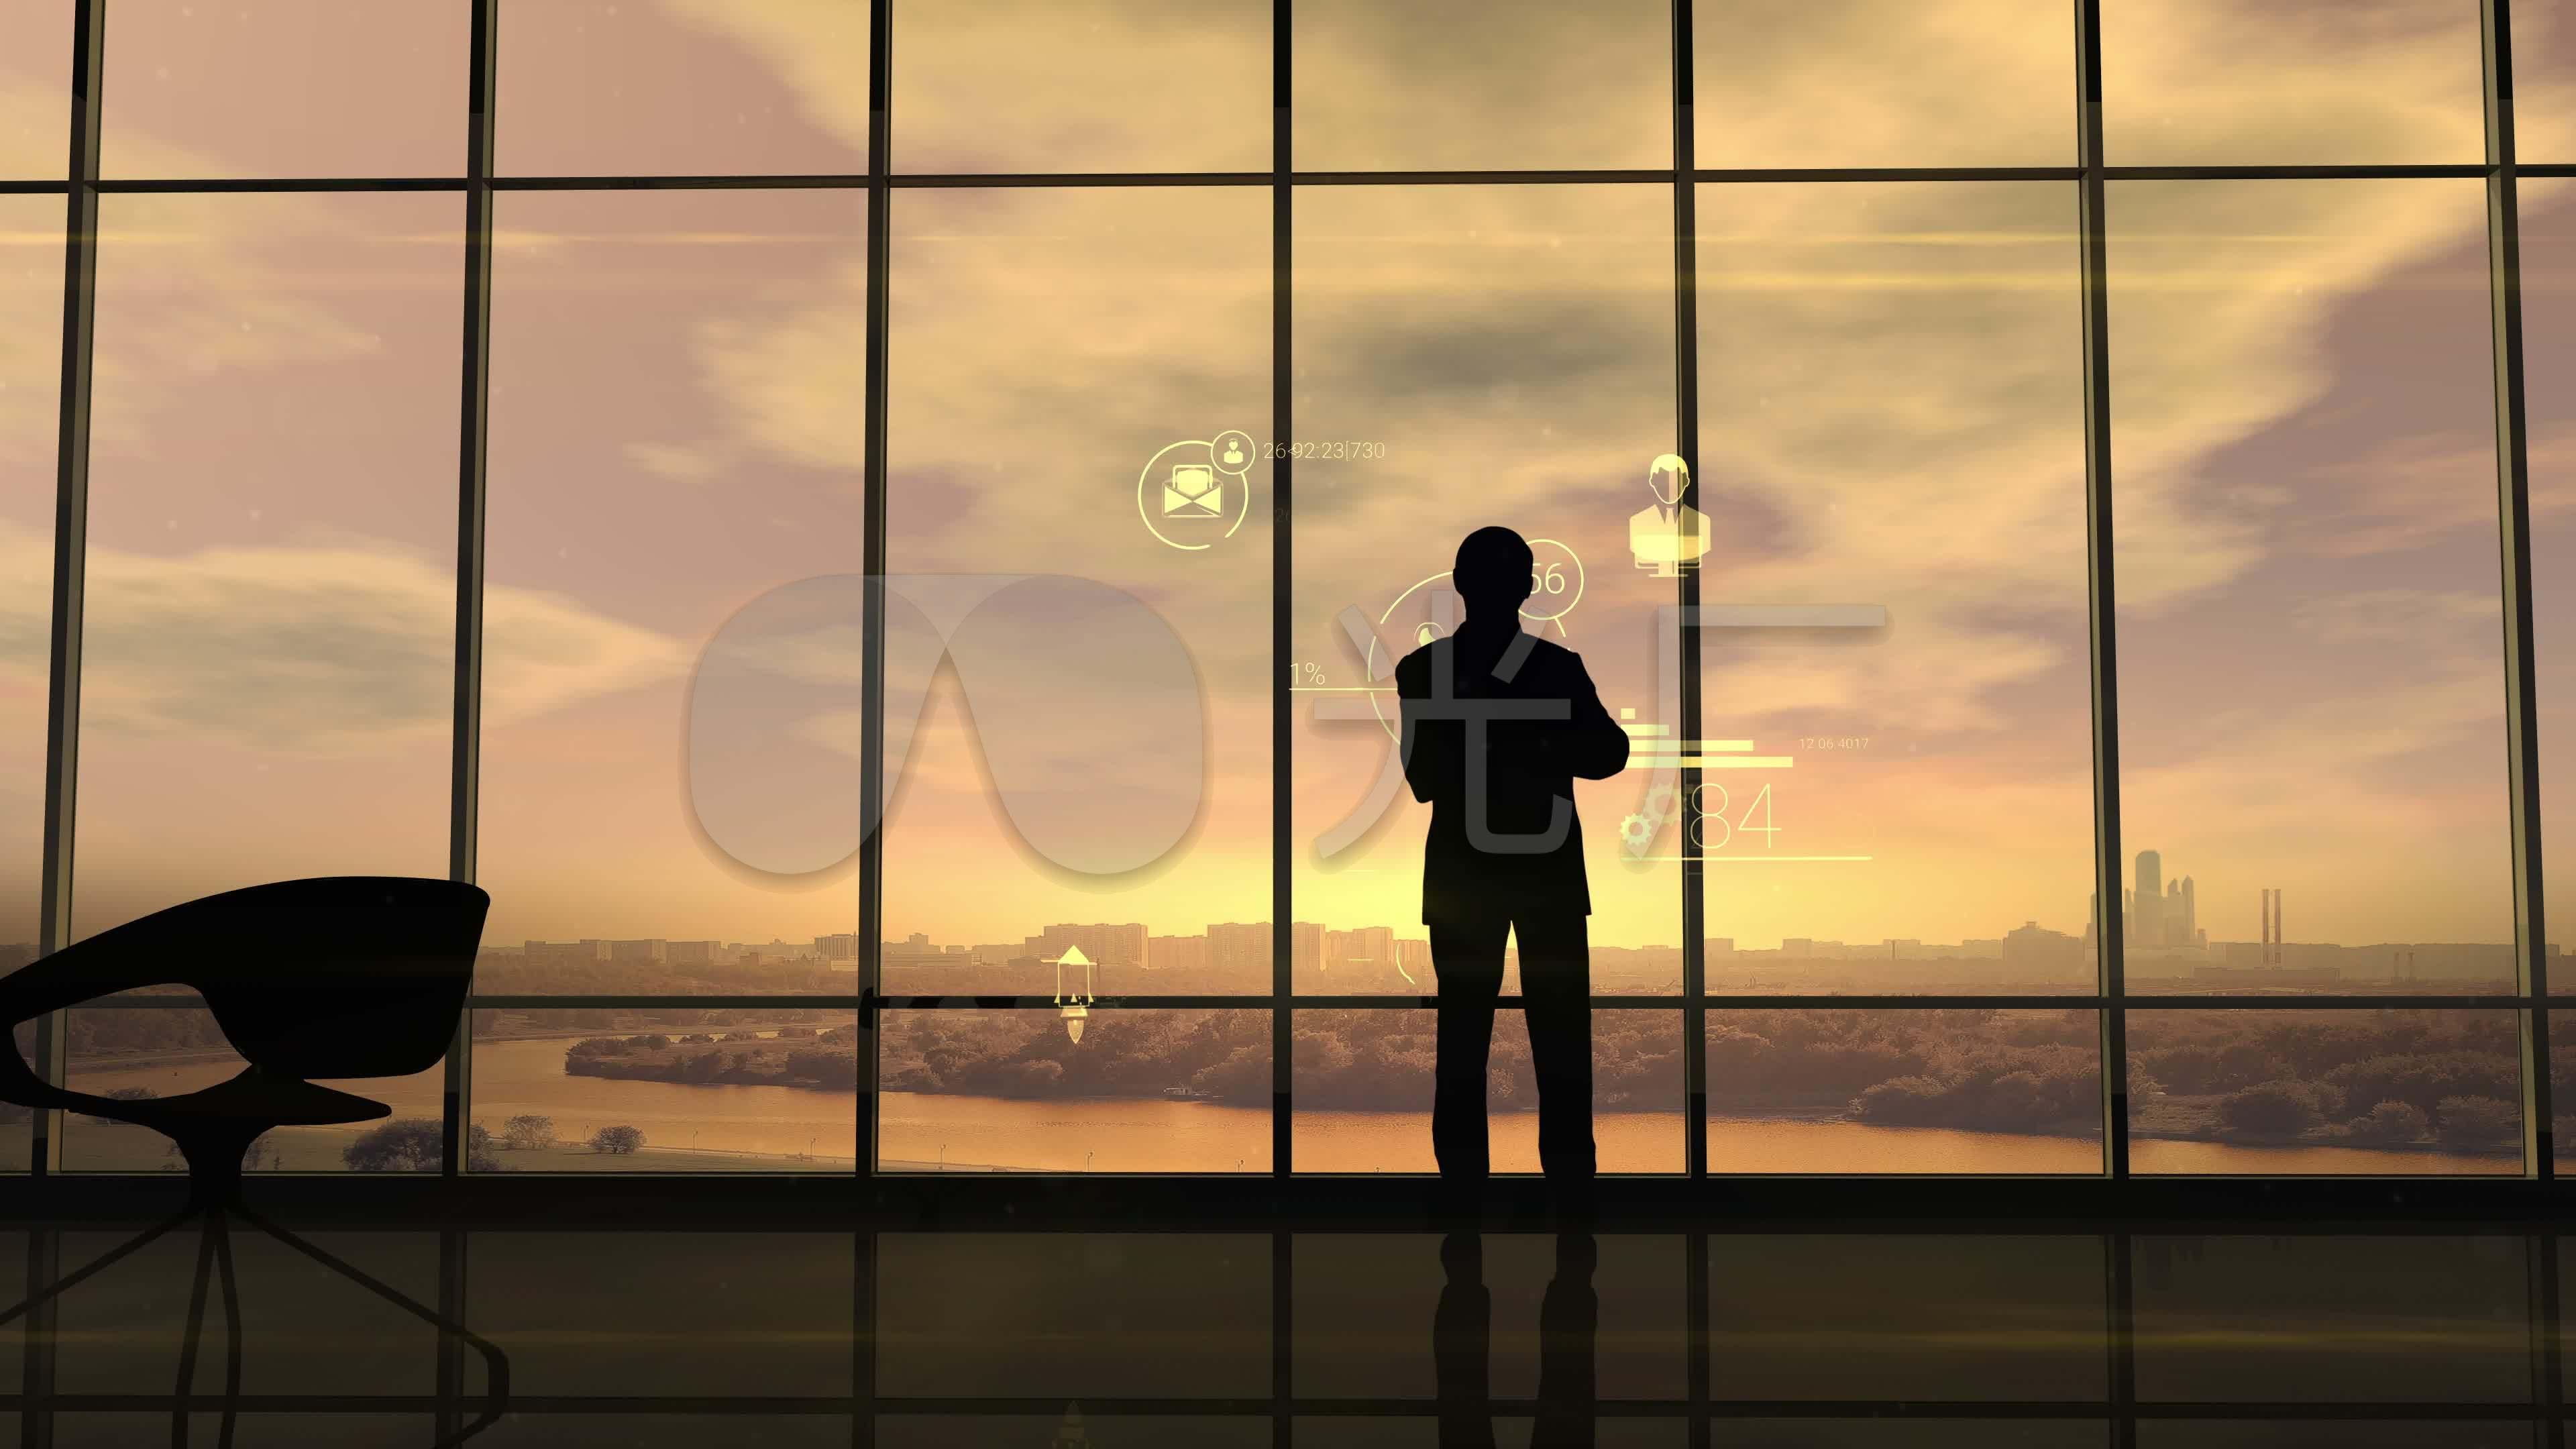 成功人士成功人士背影成功人士看风景_3840x2160_高清